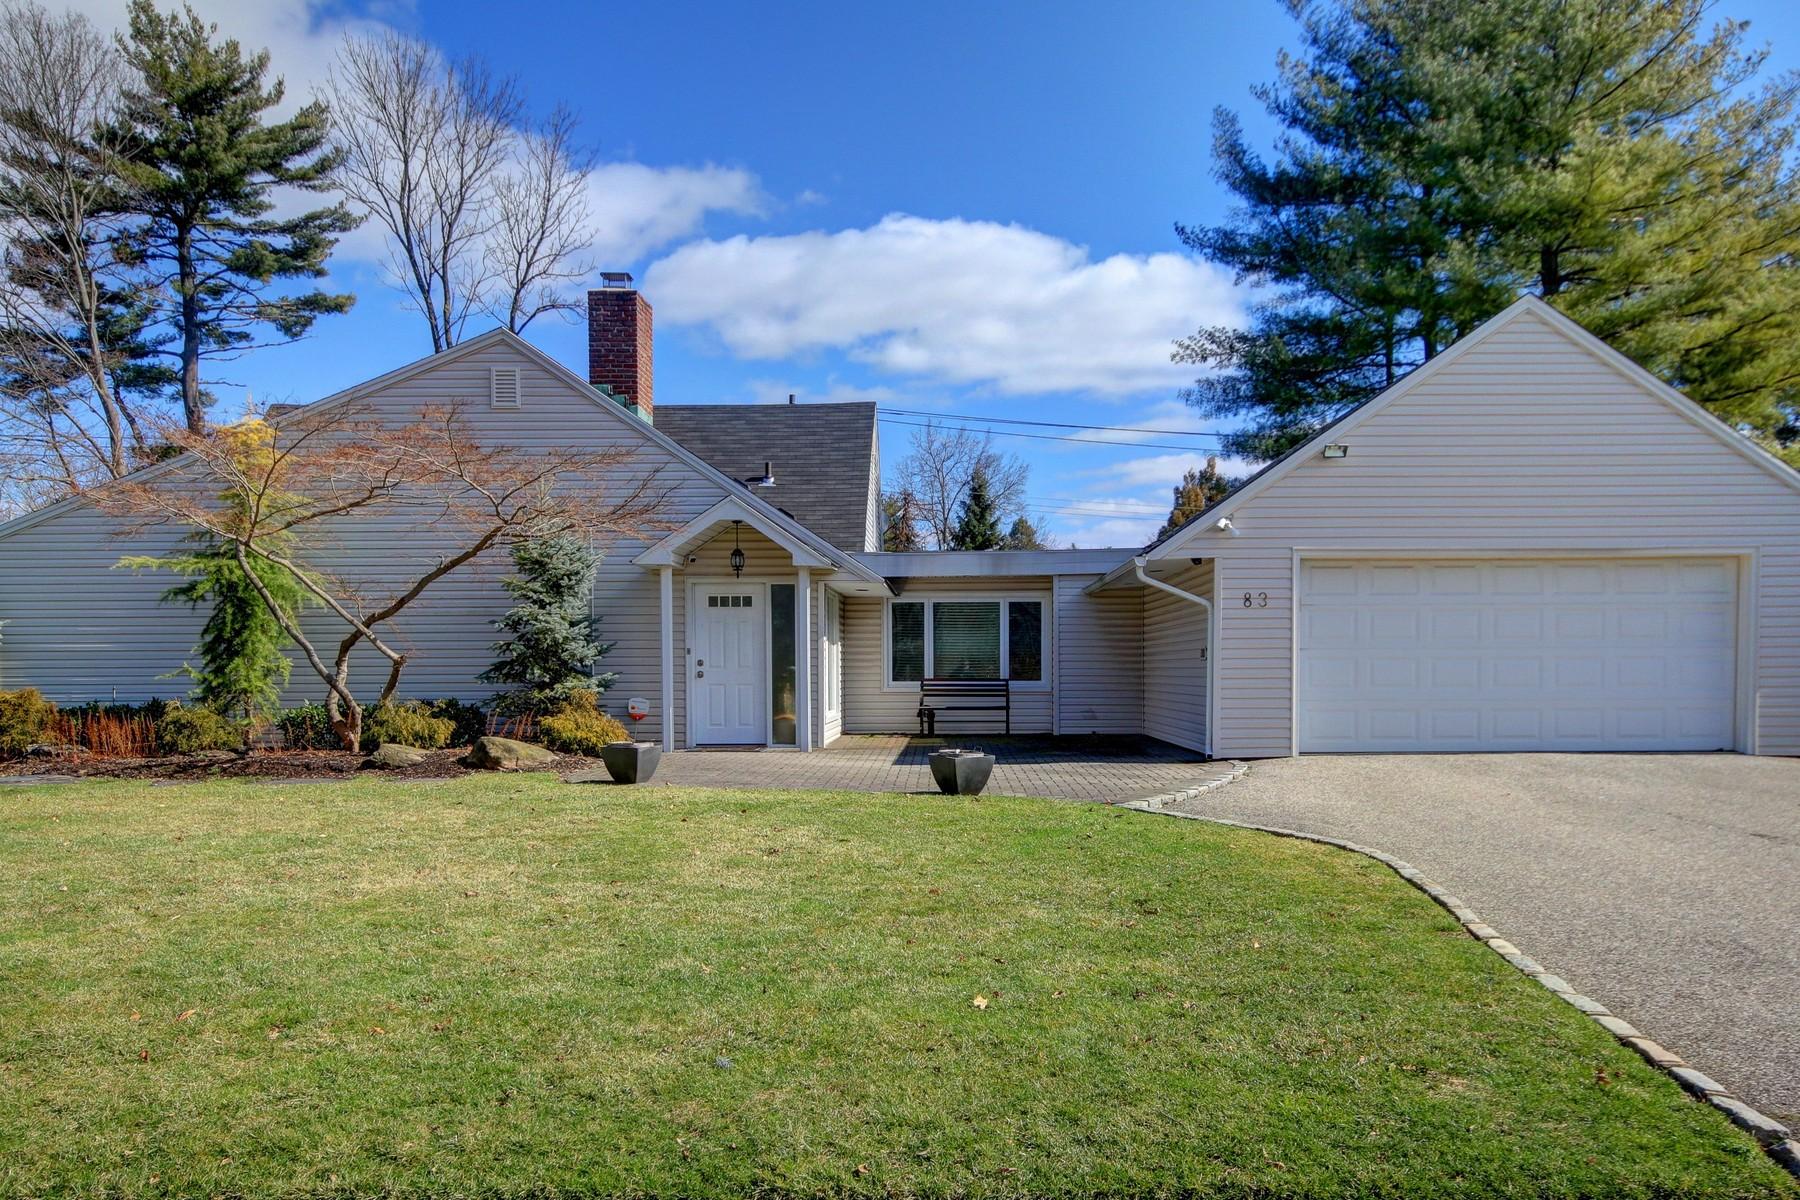 Casa Unifamiliar por un Venta en Exp Ranch 83 Shepherd Ln Roslyn Heights, Nueva York, 11577 Estados Unidos